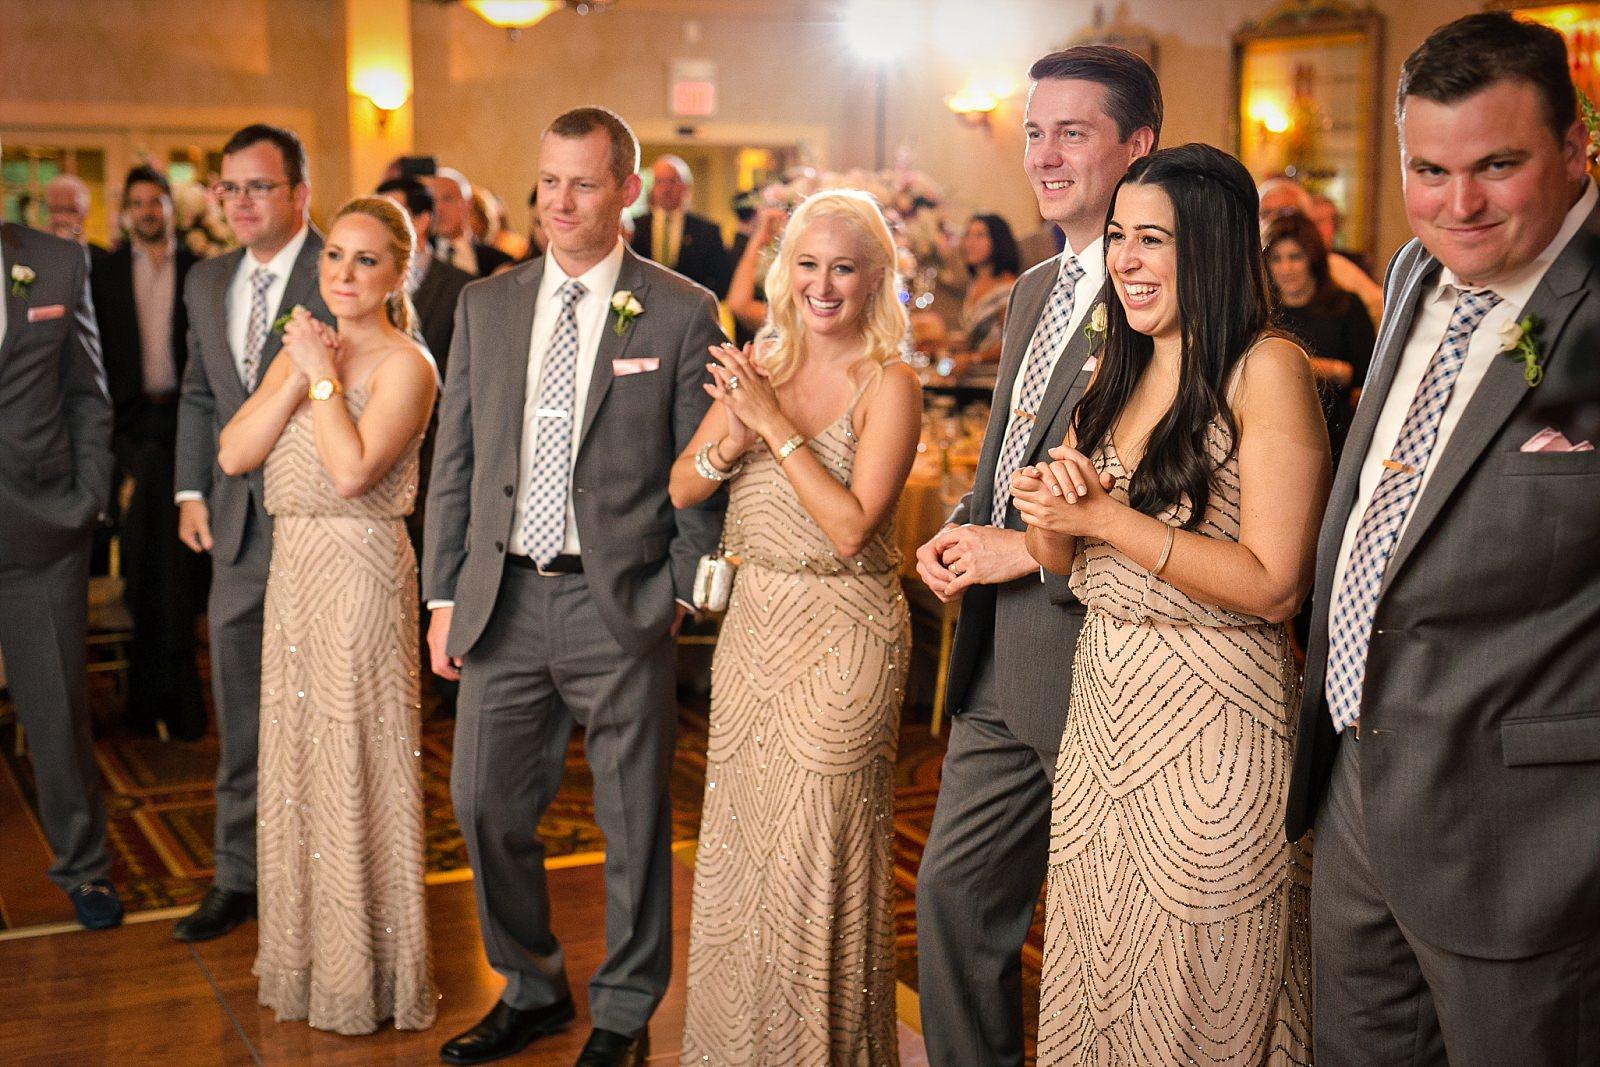 CT_Wedding_Photographer_KrCh_35.jpg